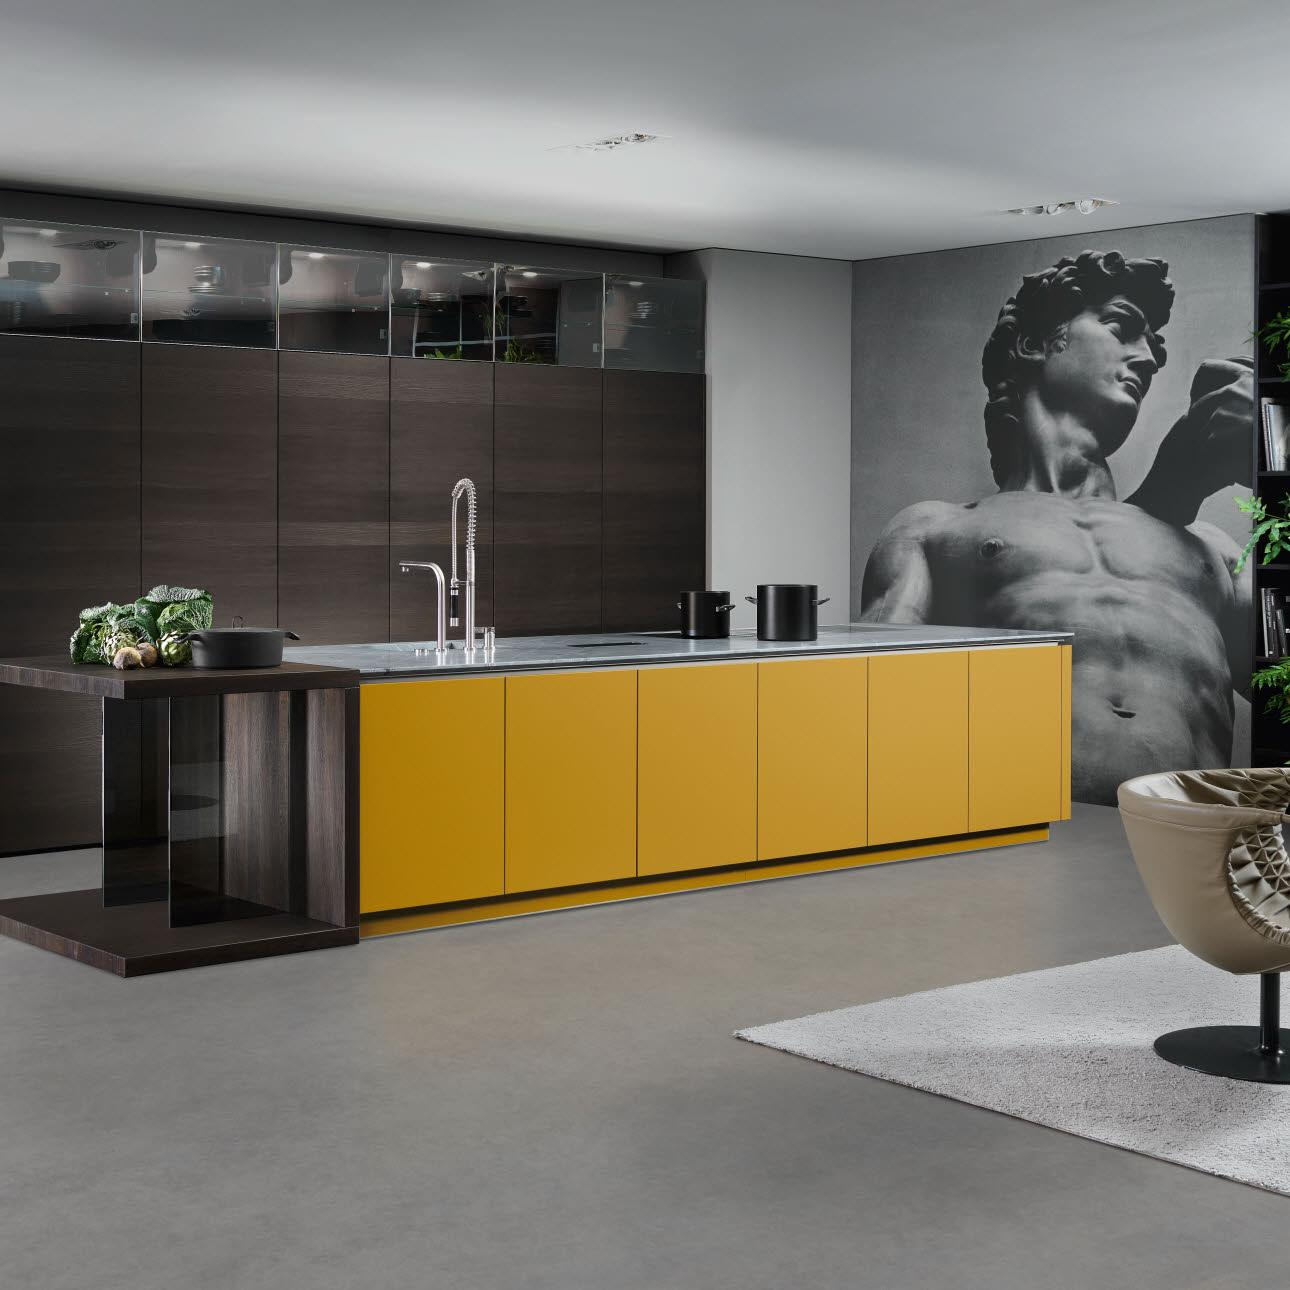 presse allgemeine informationen ewe k chen. Black Bedroom Furniture Sets. Home Design Ideas